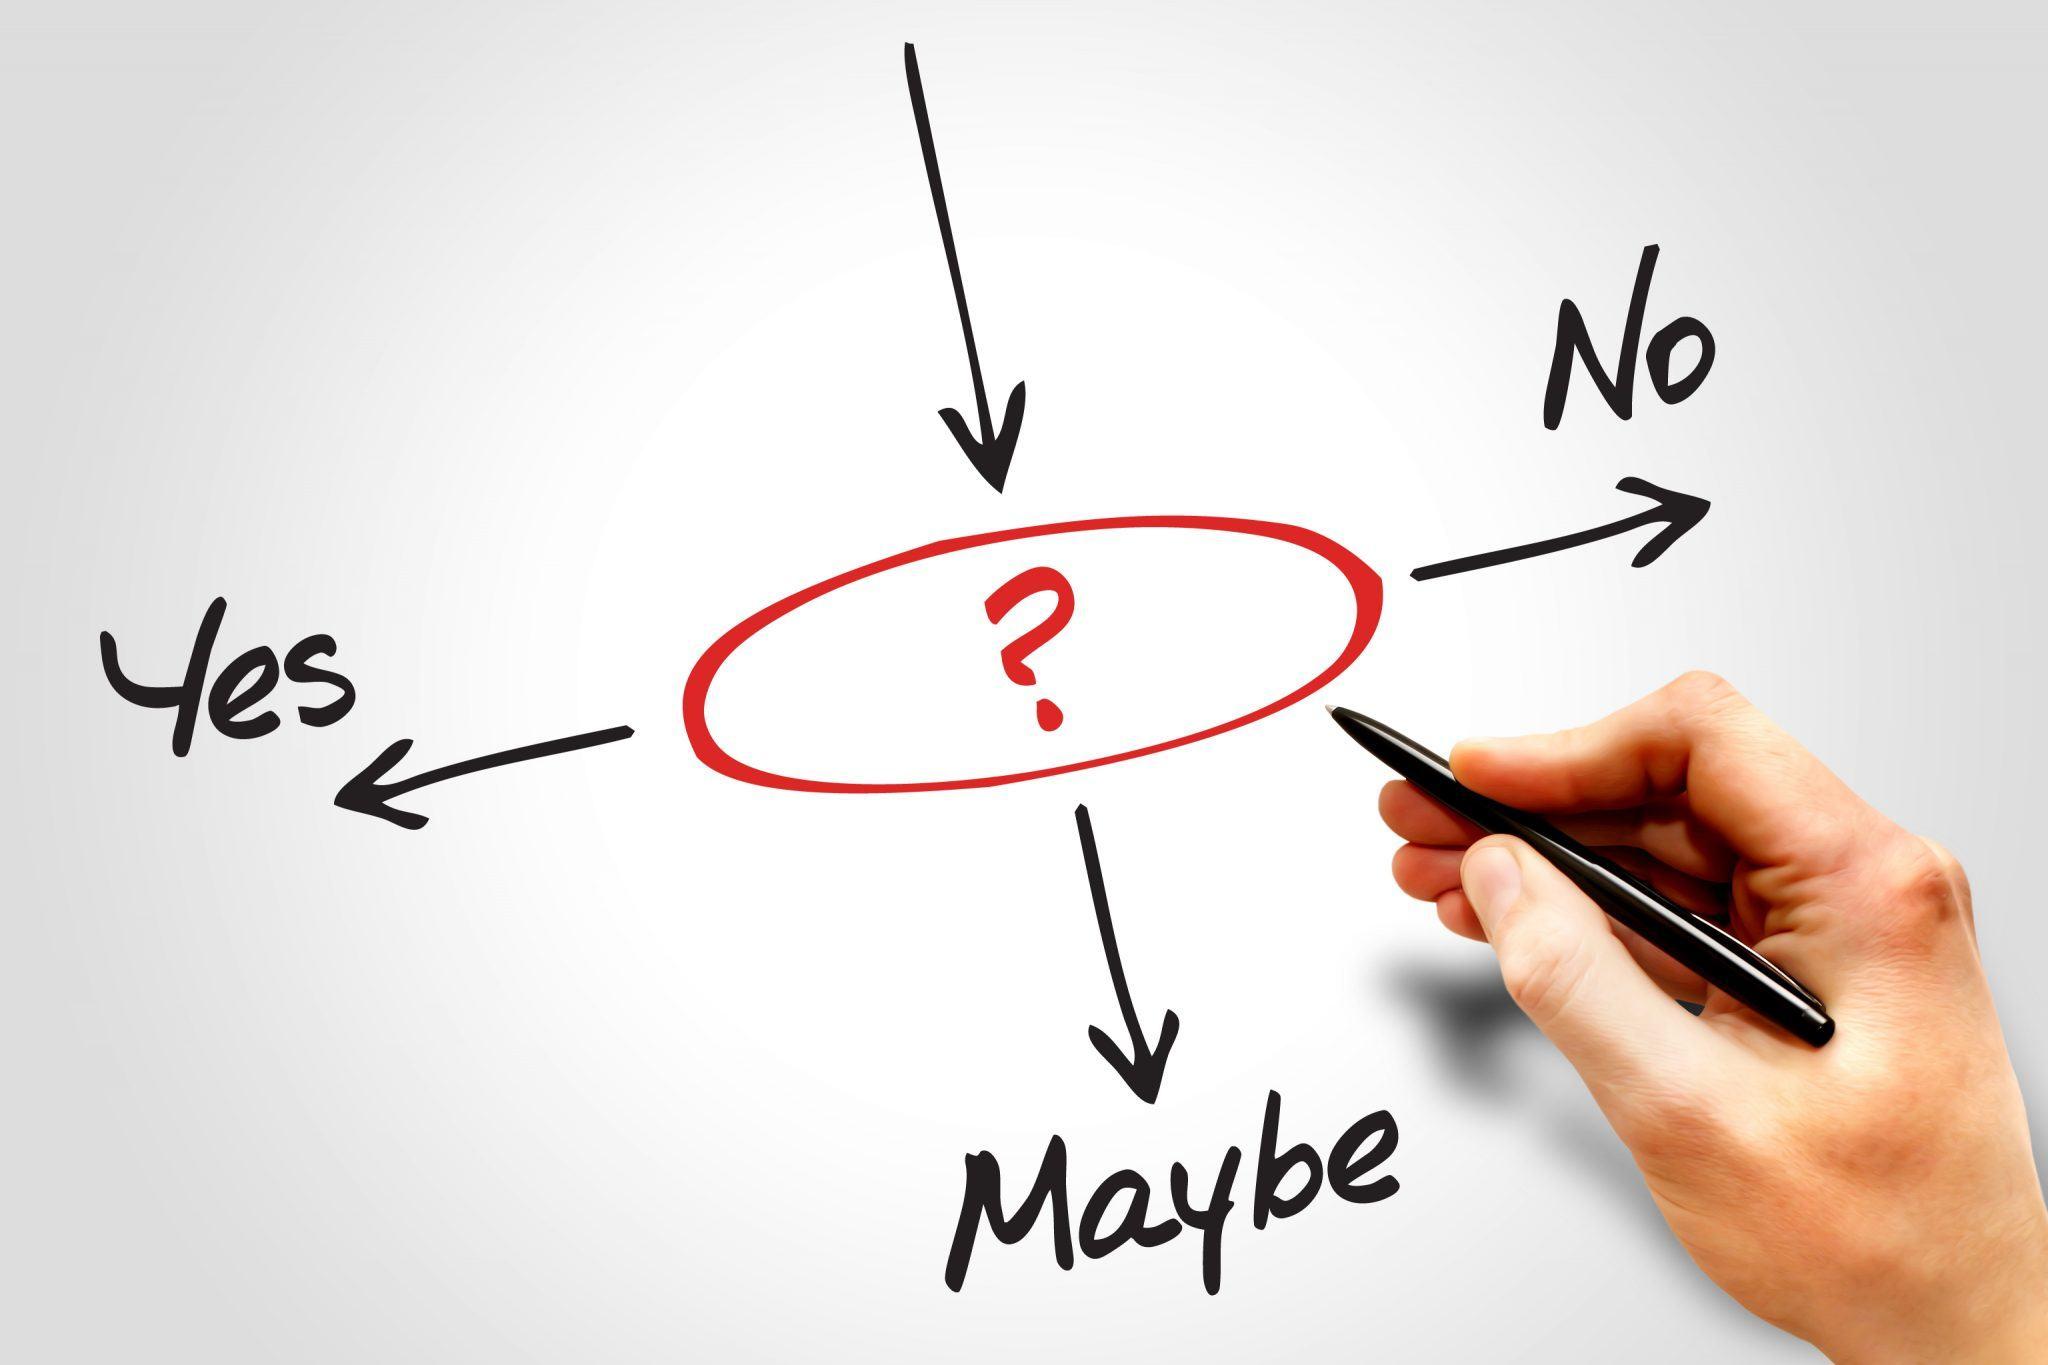 thau hieu khach hang4 - 5 lý do doanh nghiệp cần tự động hóa quy trình quản lý